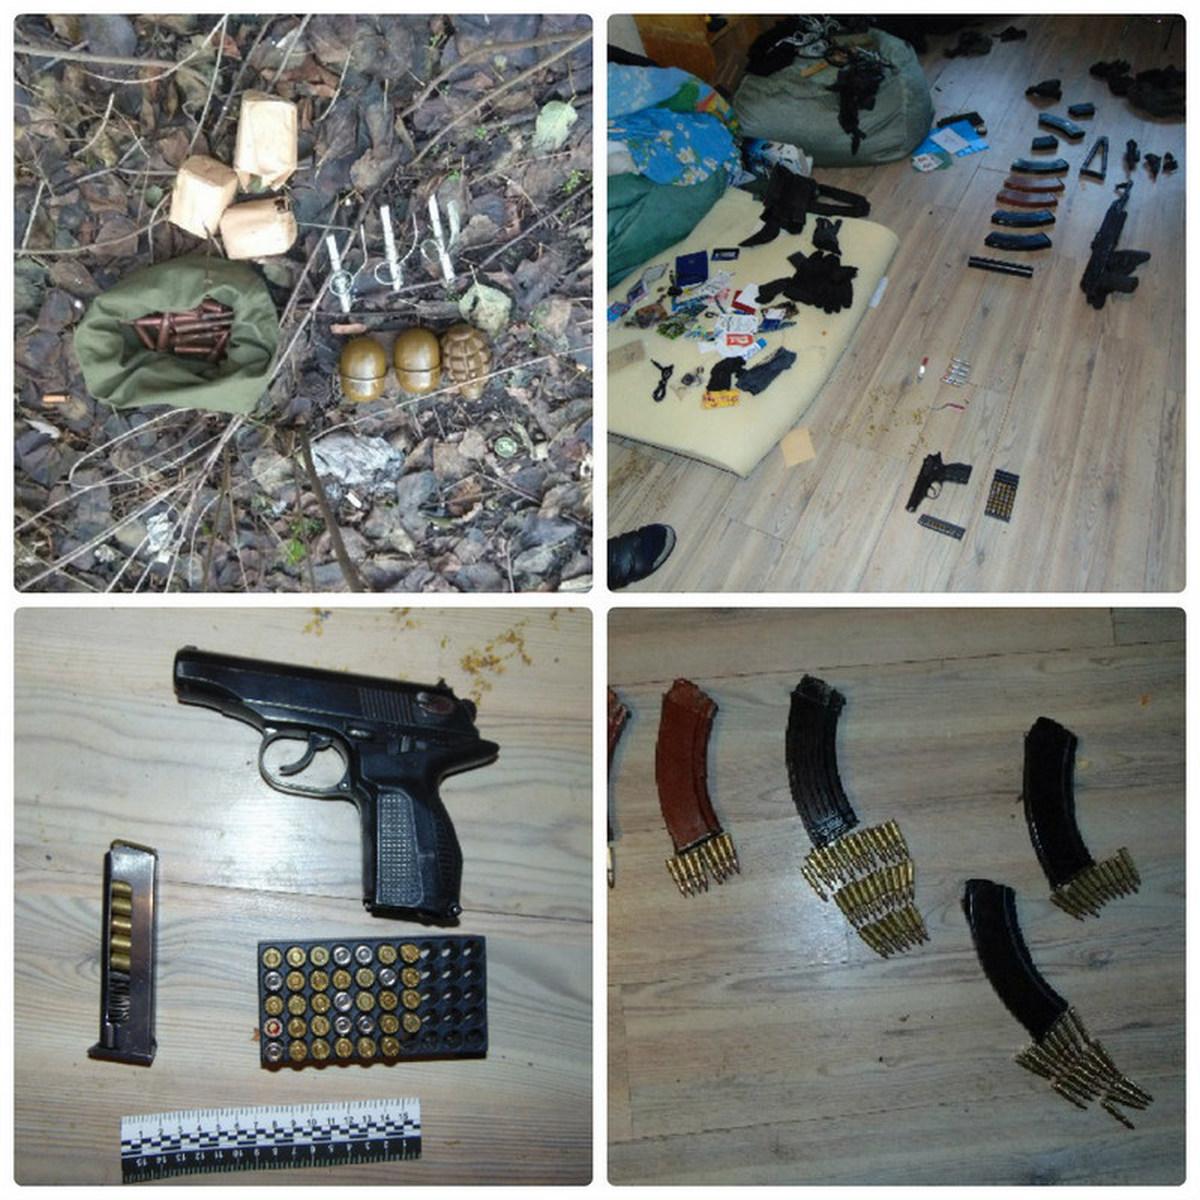 ВКиеве милиция отыскала умужчины крупный арсенал боеприпасов